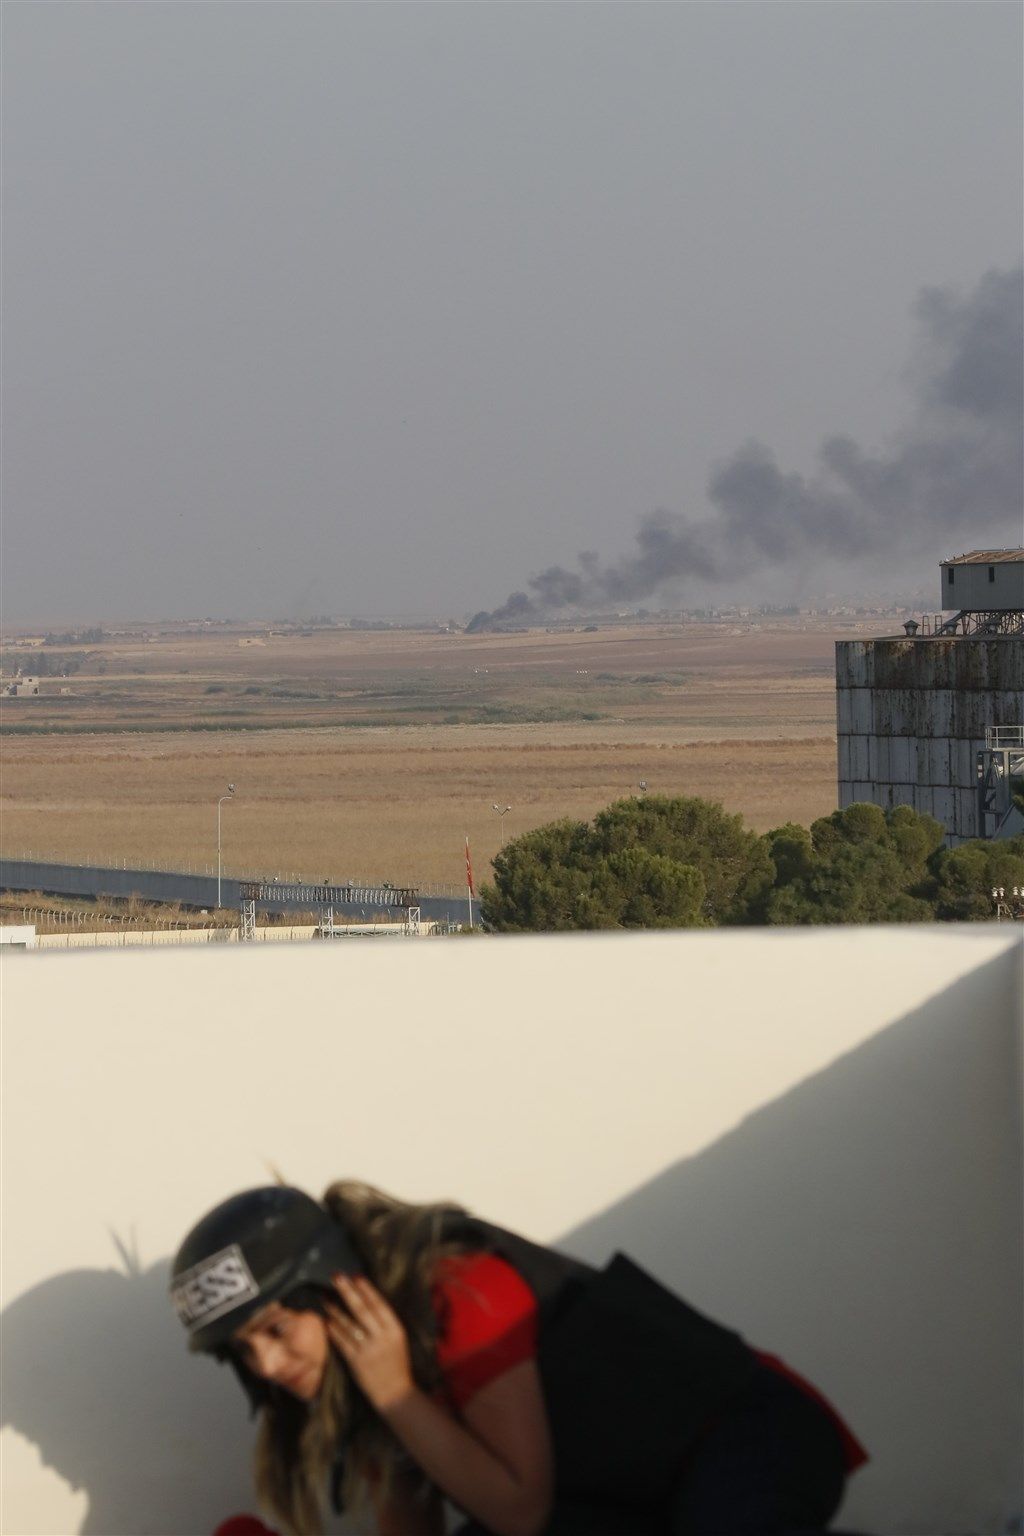 土耳其總統艾爾段派9日宣布派軍隊跨境進入敘利亞,在敘利亞北部發起「和平之泉行動」,圖為敘利亞北部已見濃煙。(安納杜魯新聞社提供)